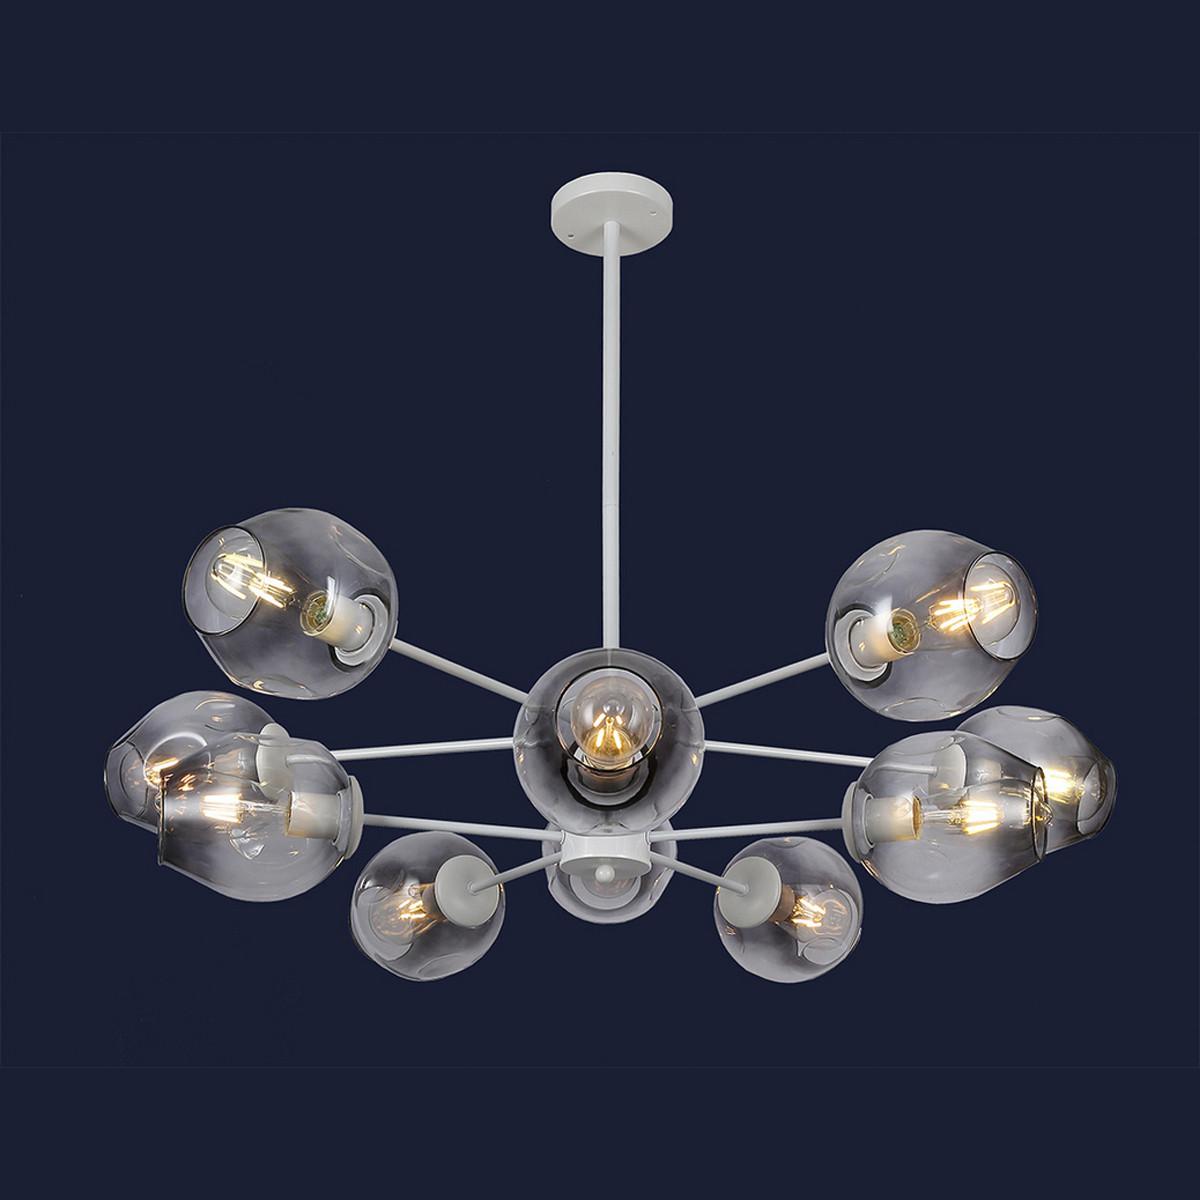 Современная люстра в стиле Loft с шариками цвет белый Levistella&7526035-10 WH+BK